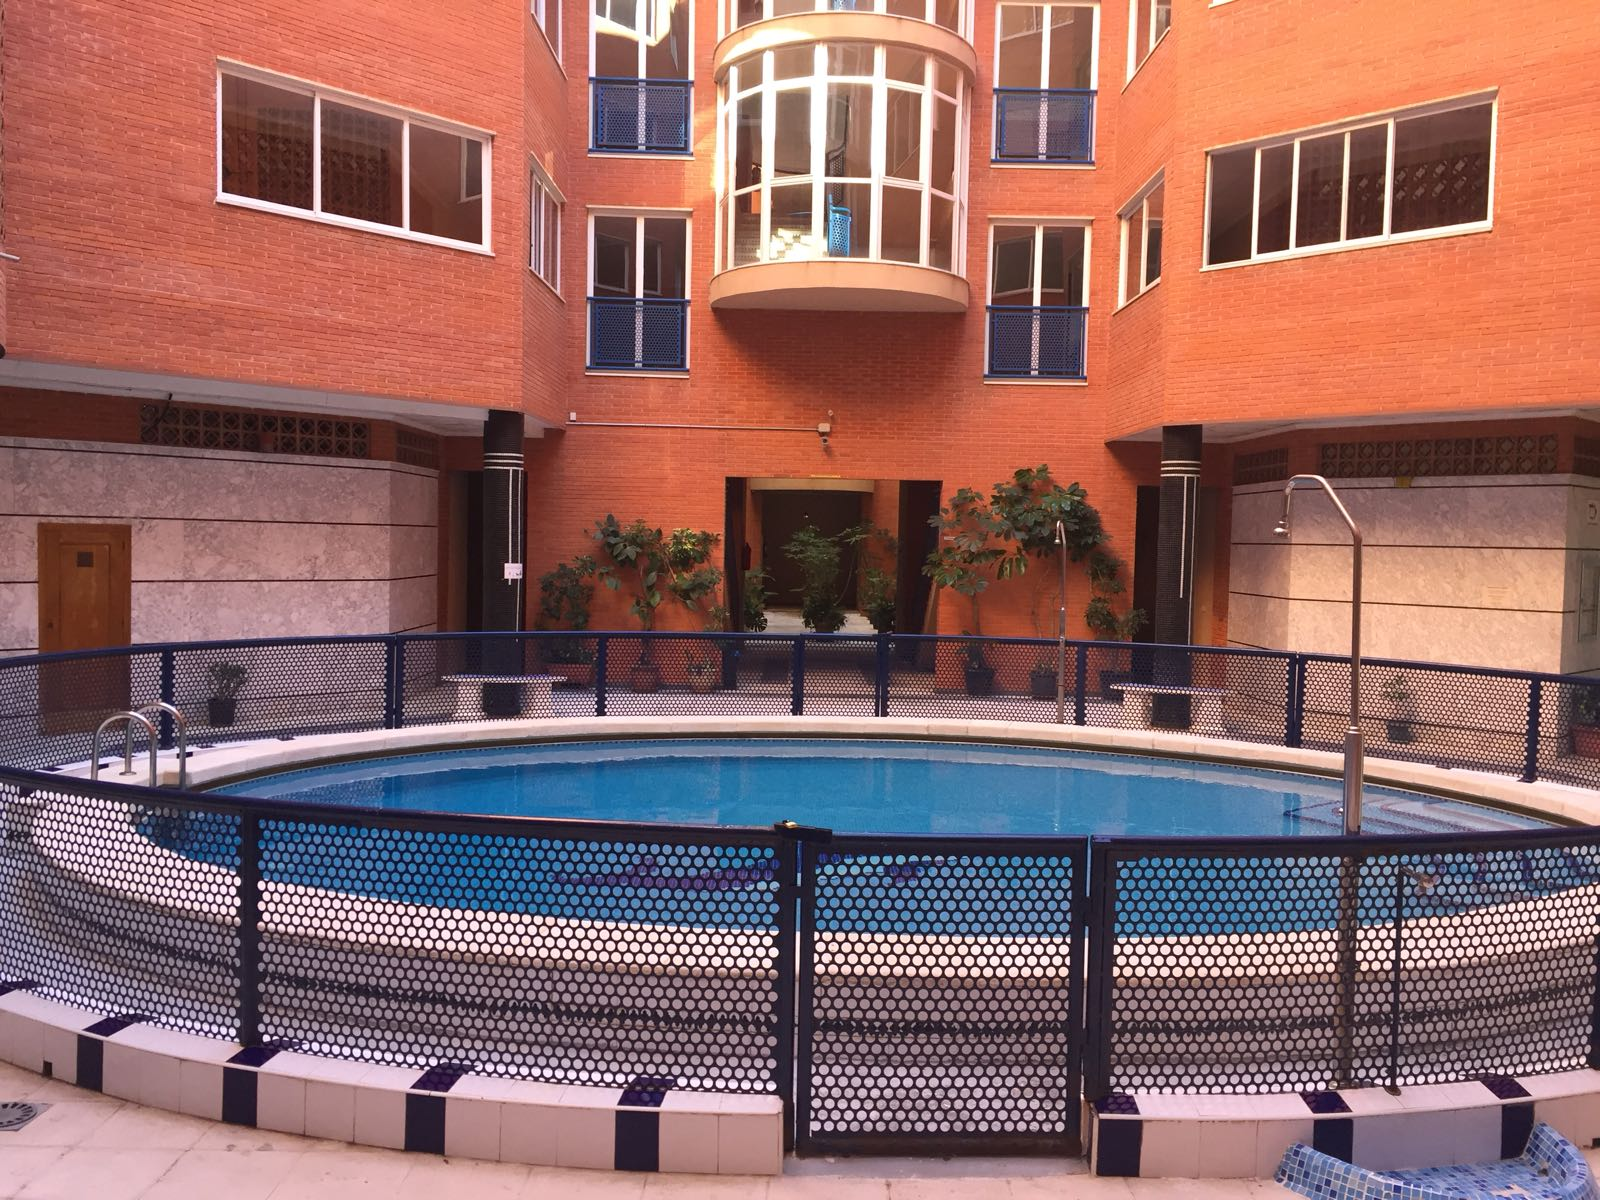 Цена снижена со 115000€! Просторная квартира с двумя спальнями в 100 м от пляжа